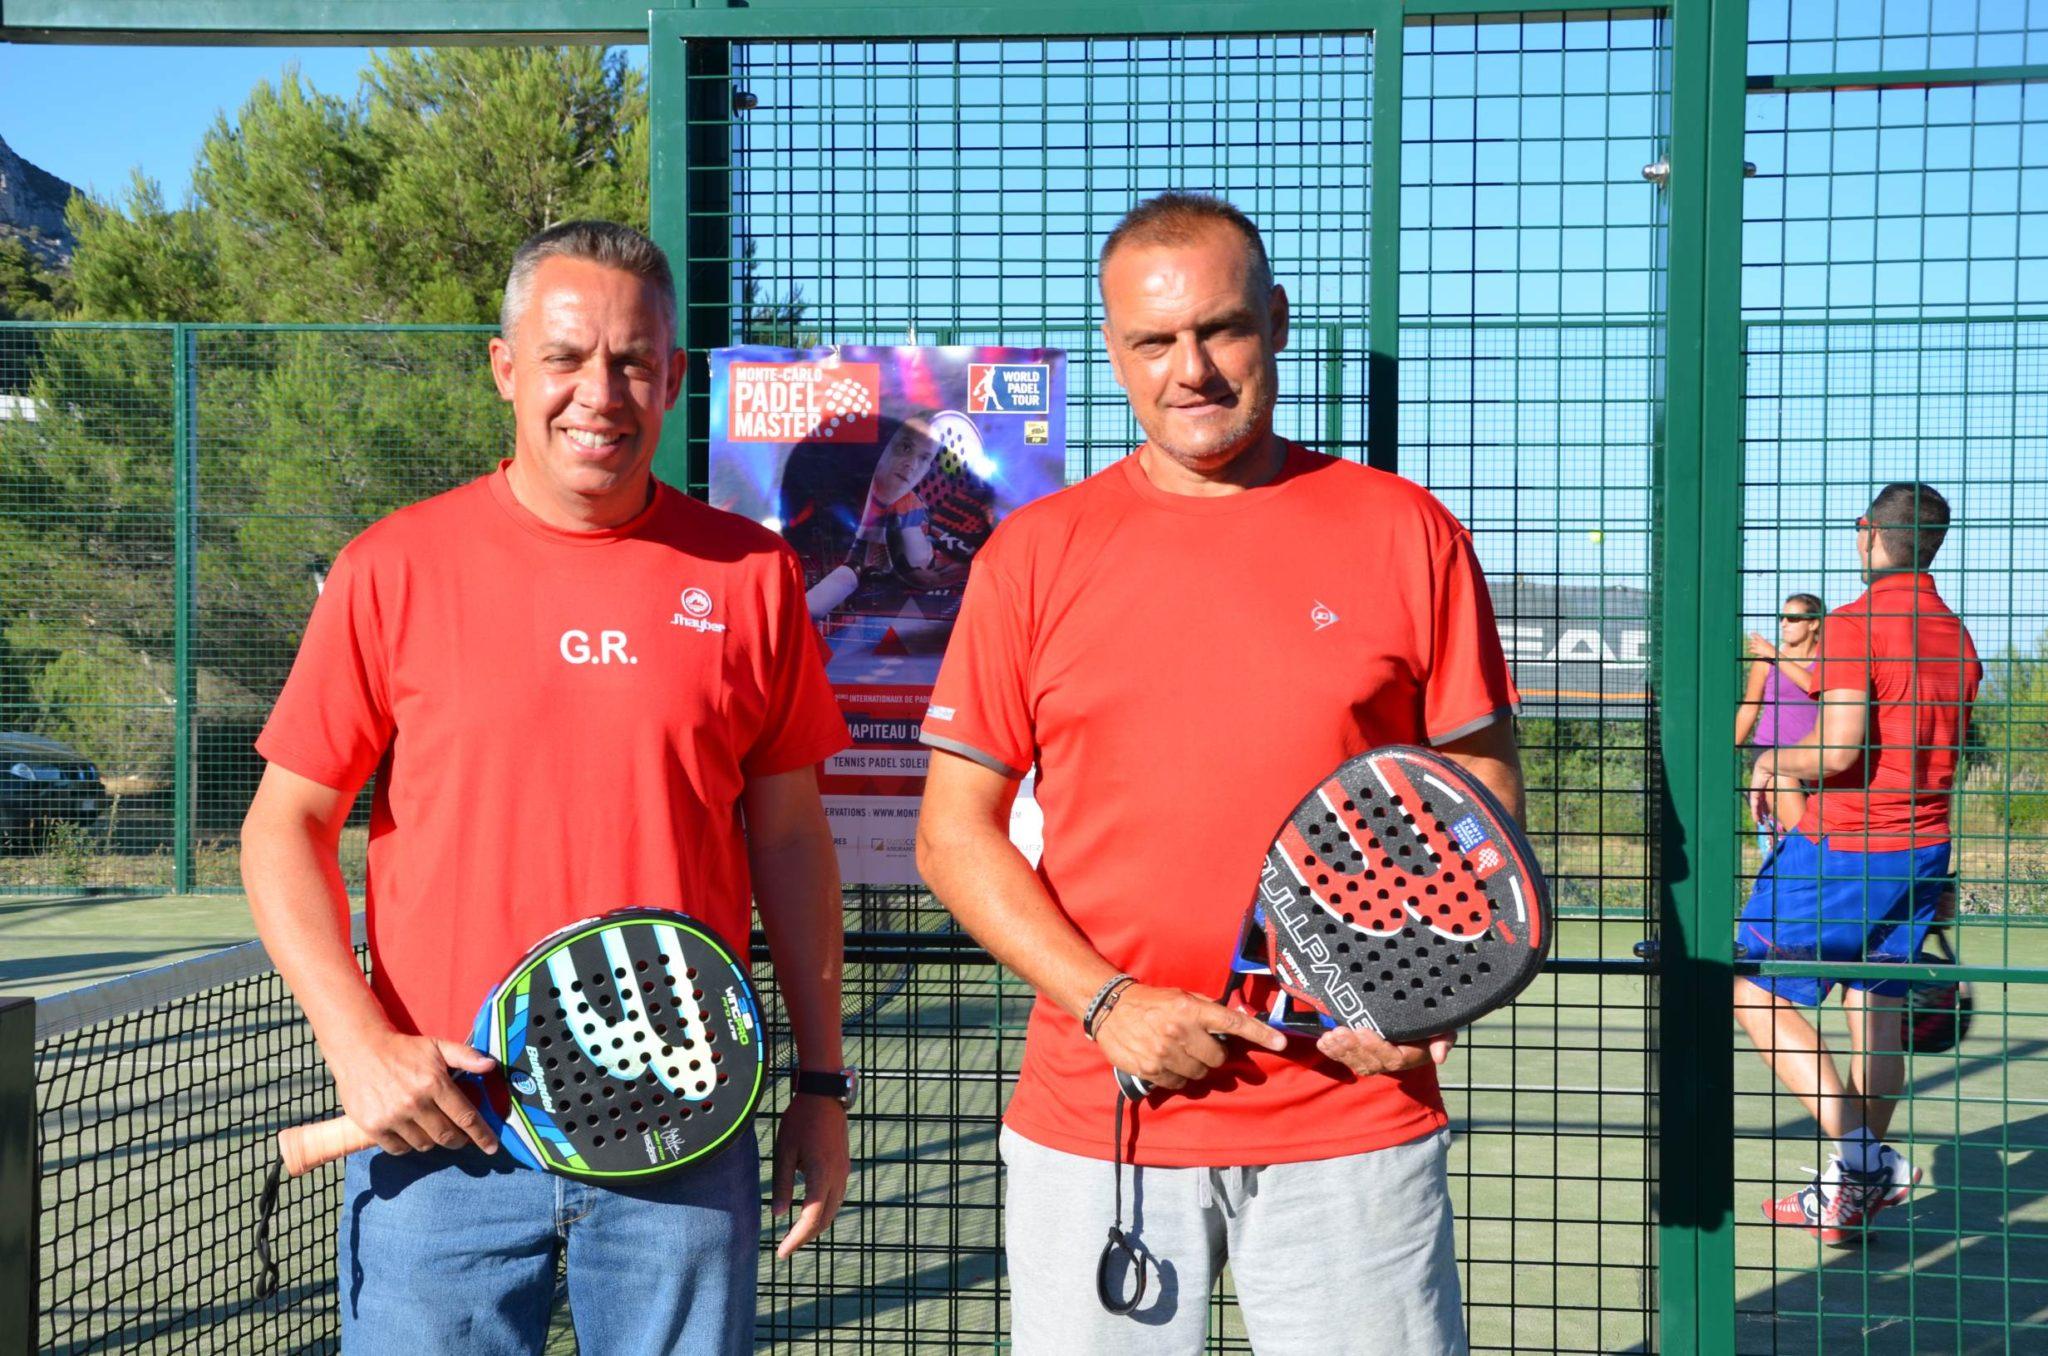 クリスチャン・コランジュ:「テニス/ Padel 太陽はの偉大なアカデミーになります padel